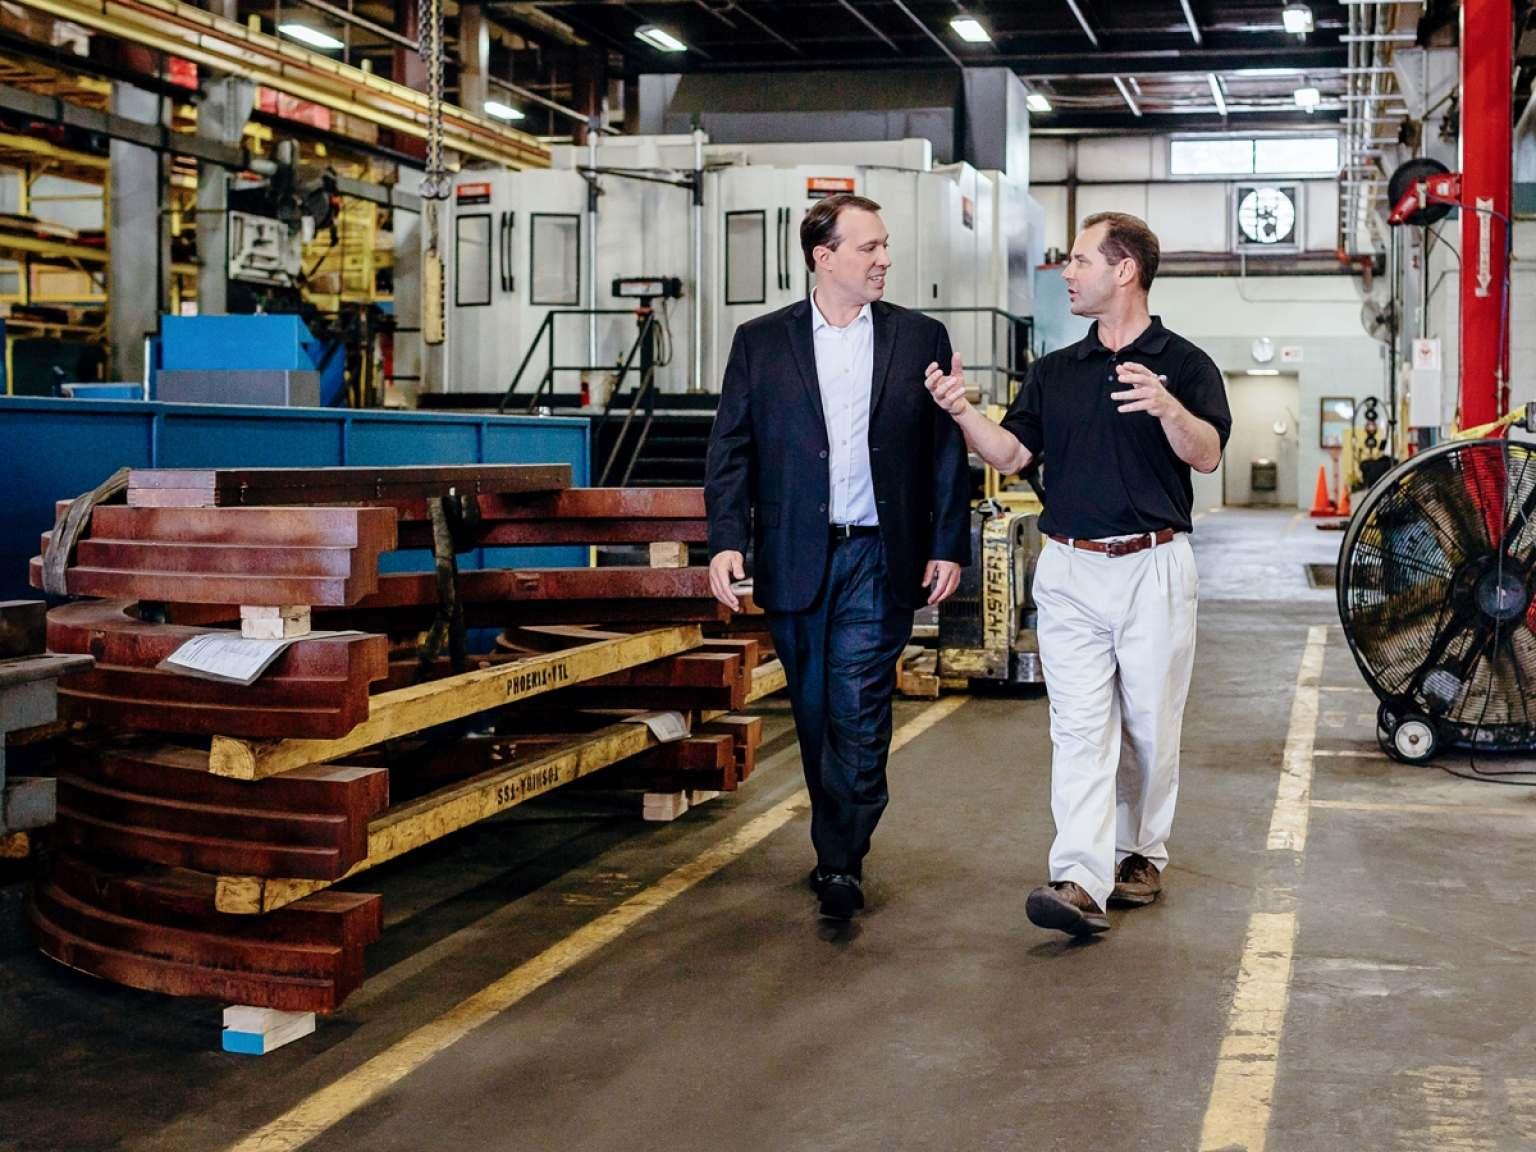 Two Men Walking In Warehouse